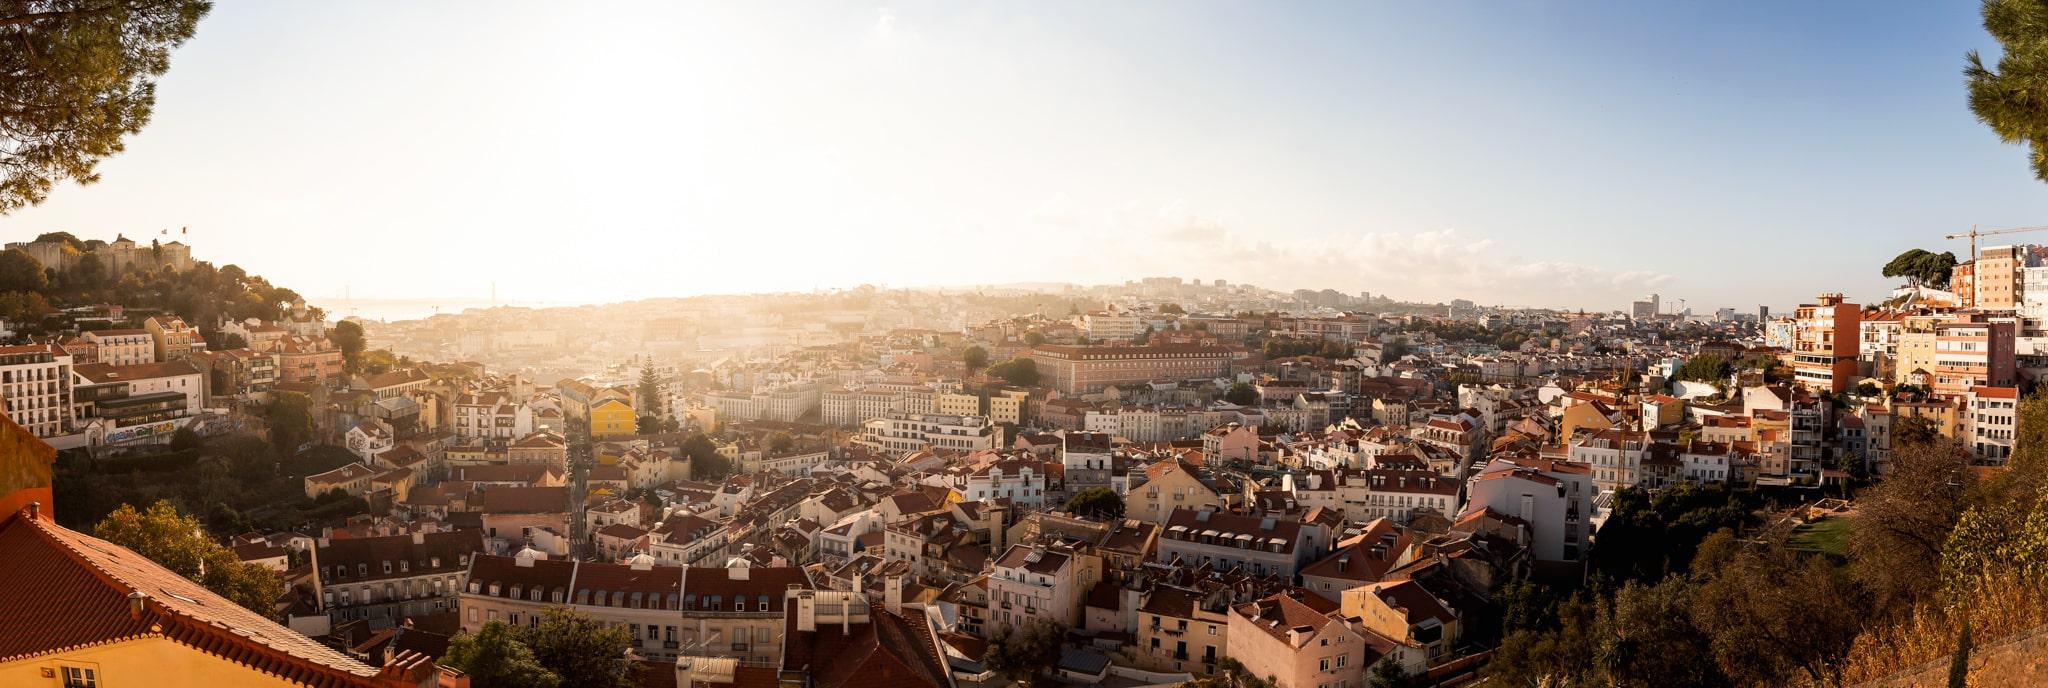 Panorama von Lissabon, Portugal, Europa